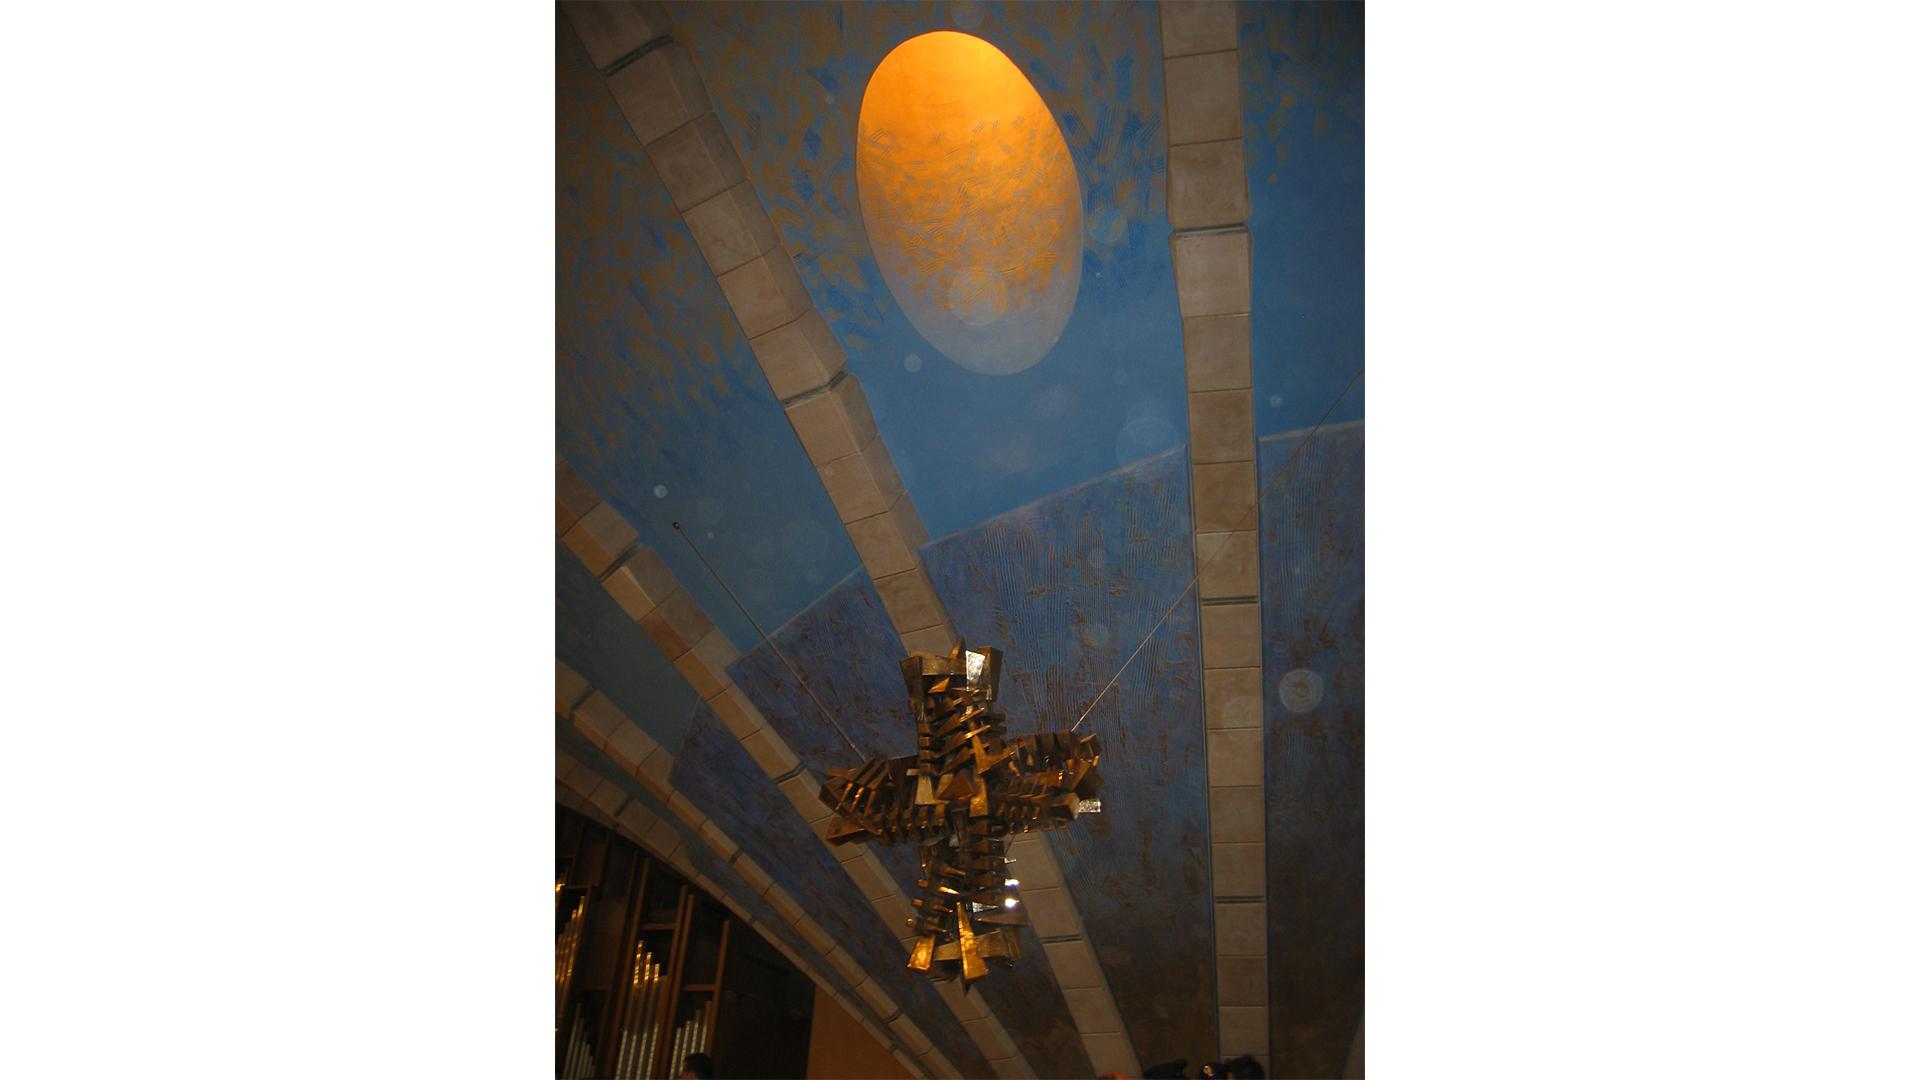 PADRE PIO PILGRILMAGE CHURCH